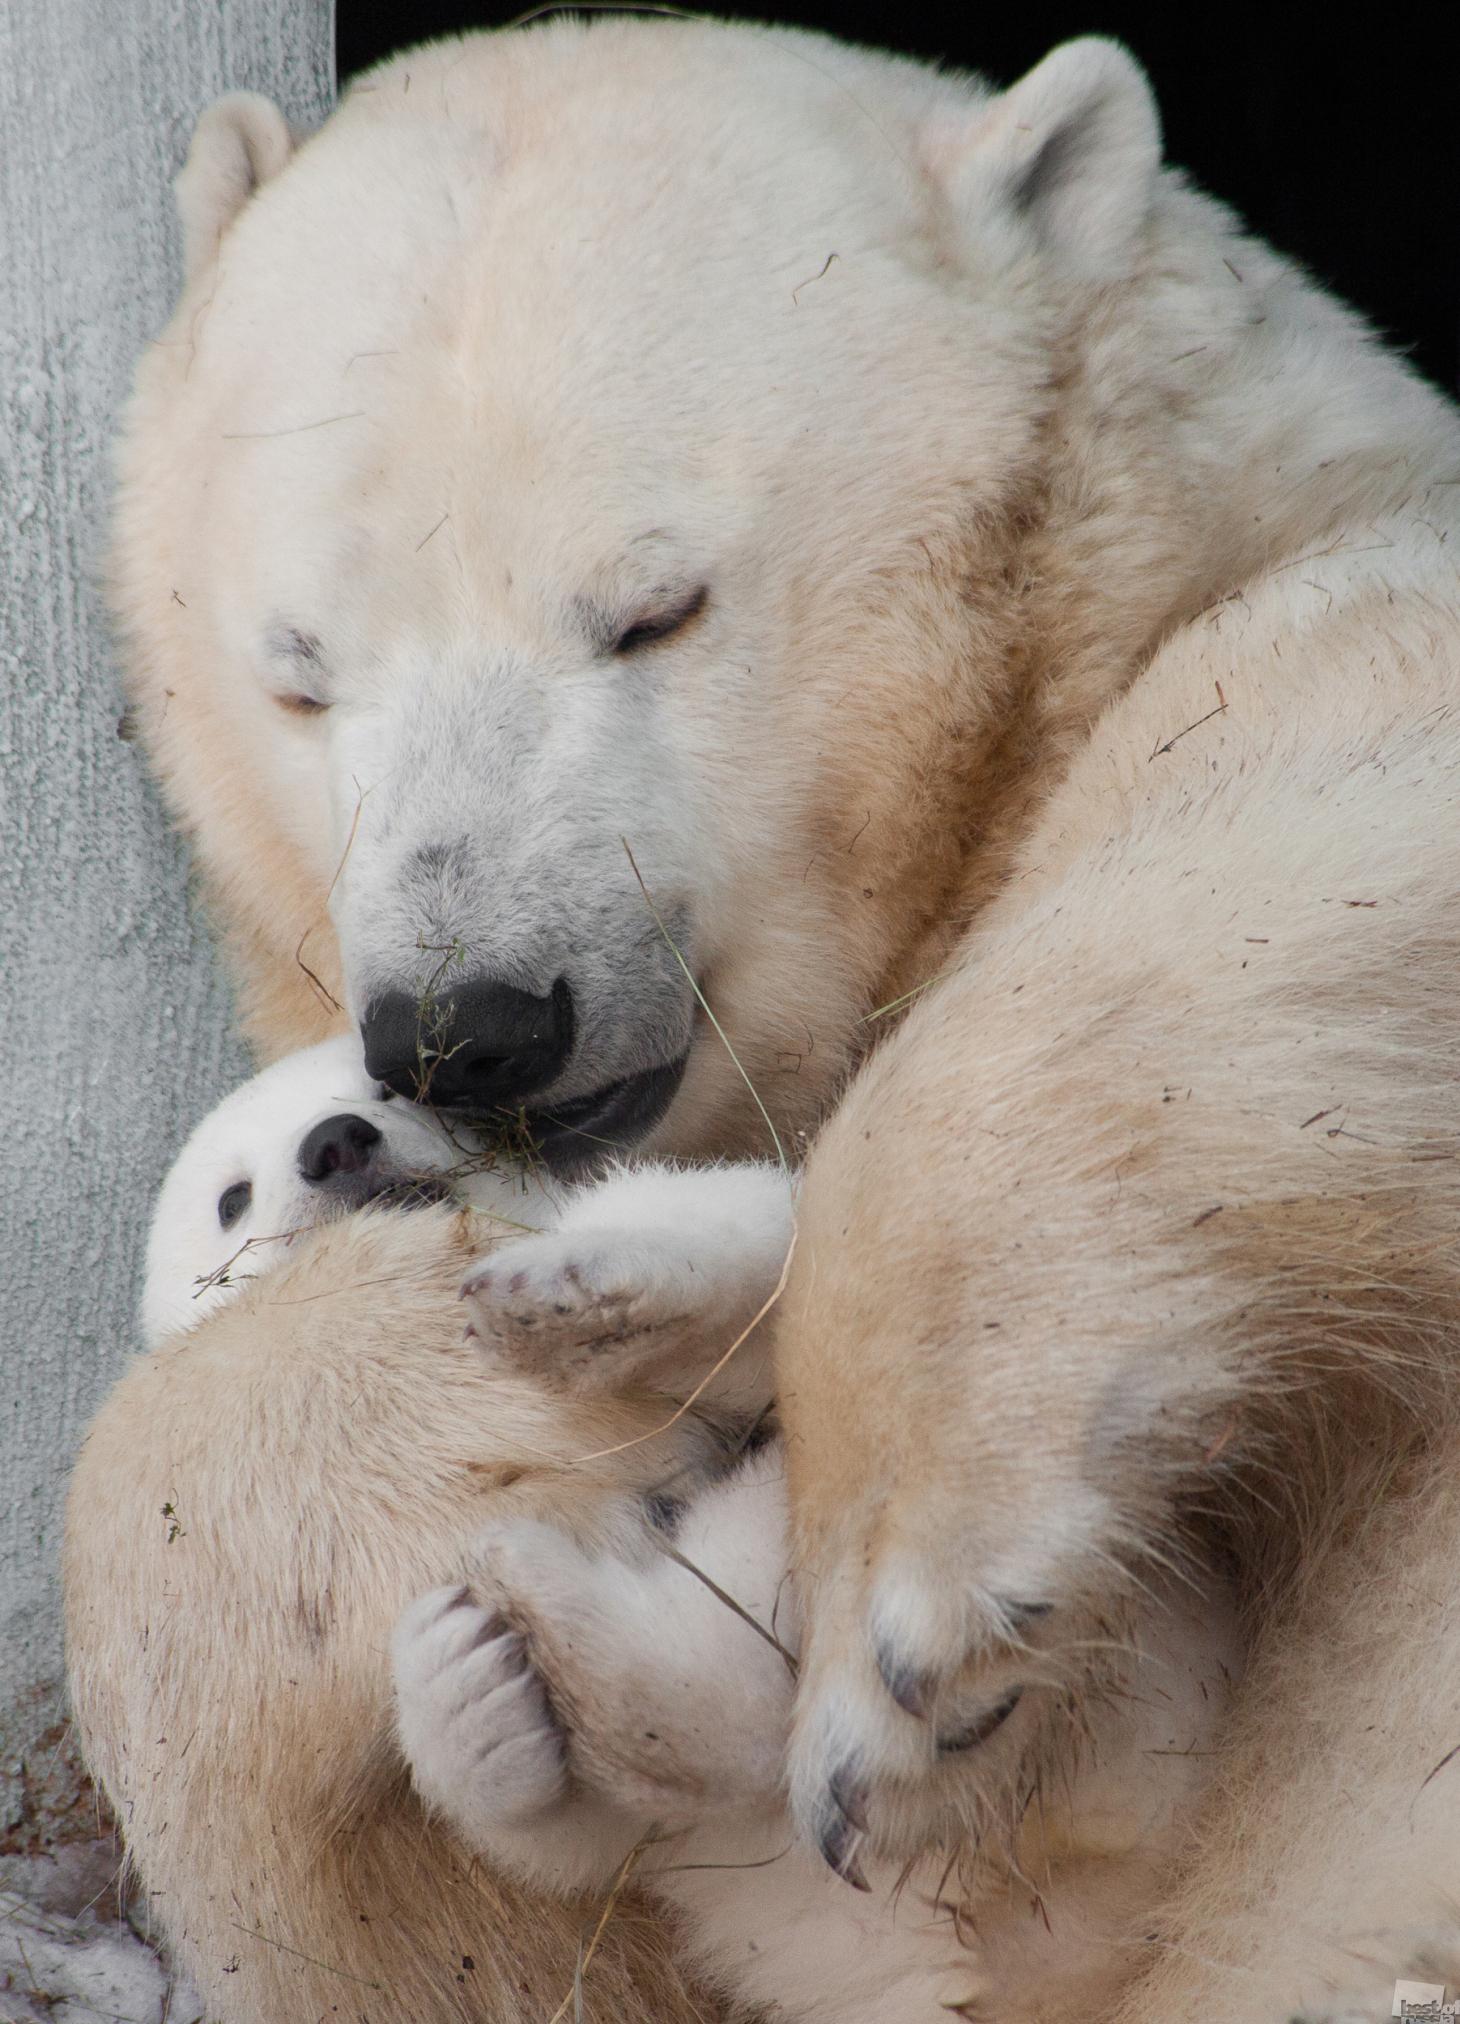 9/15. Rođenje bijelog medvjeda prvi put nakon 42 godine bilo je veliki događaj za Novosibirsk. Čitav grad je birao ime. Mladunče je nazvano Šilka.